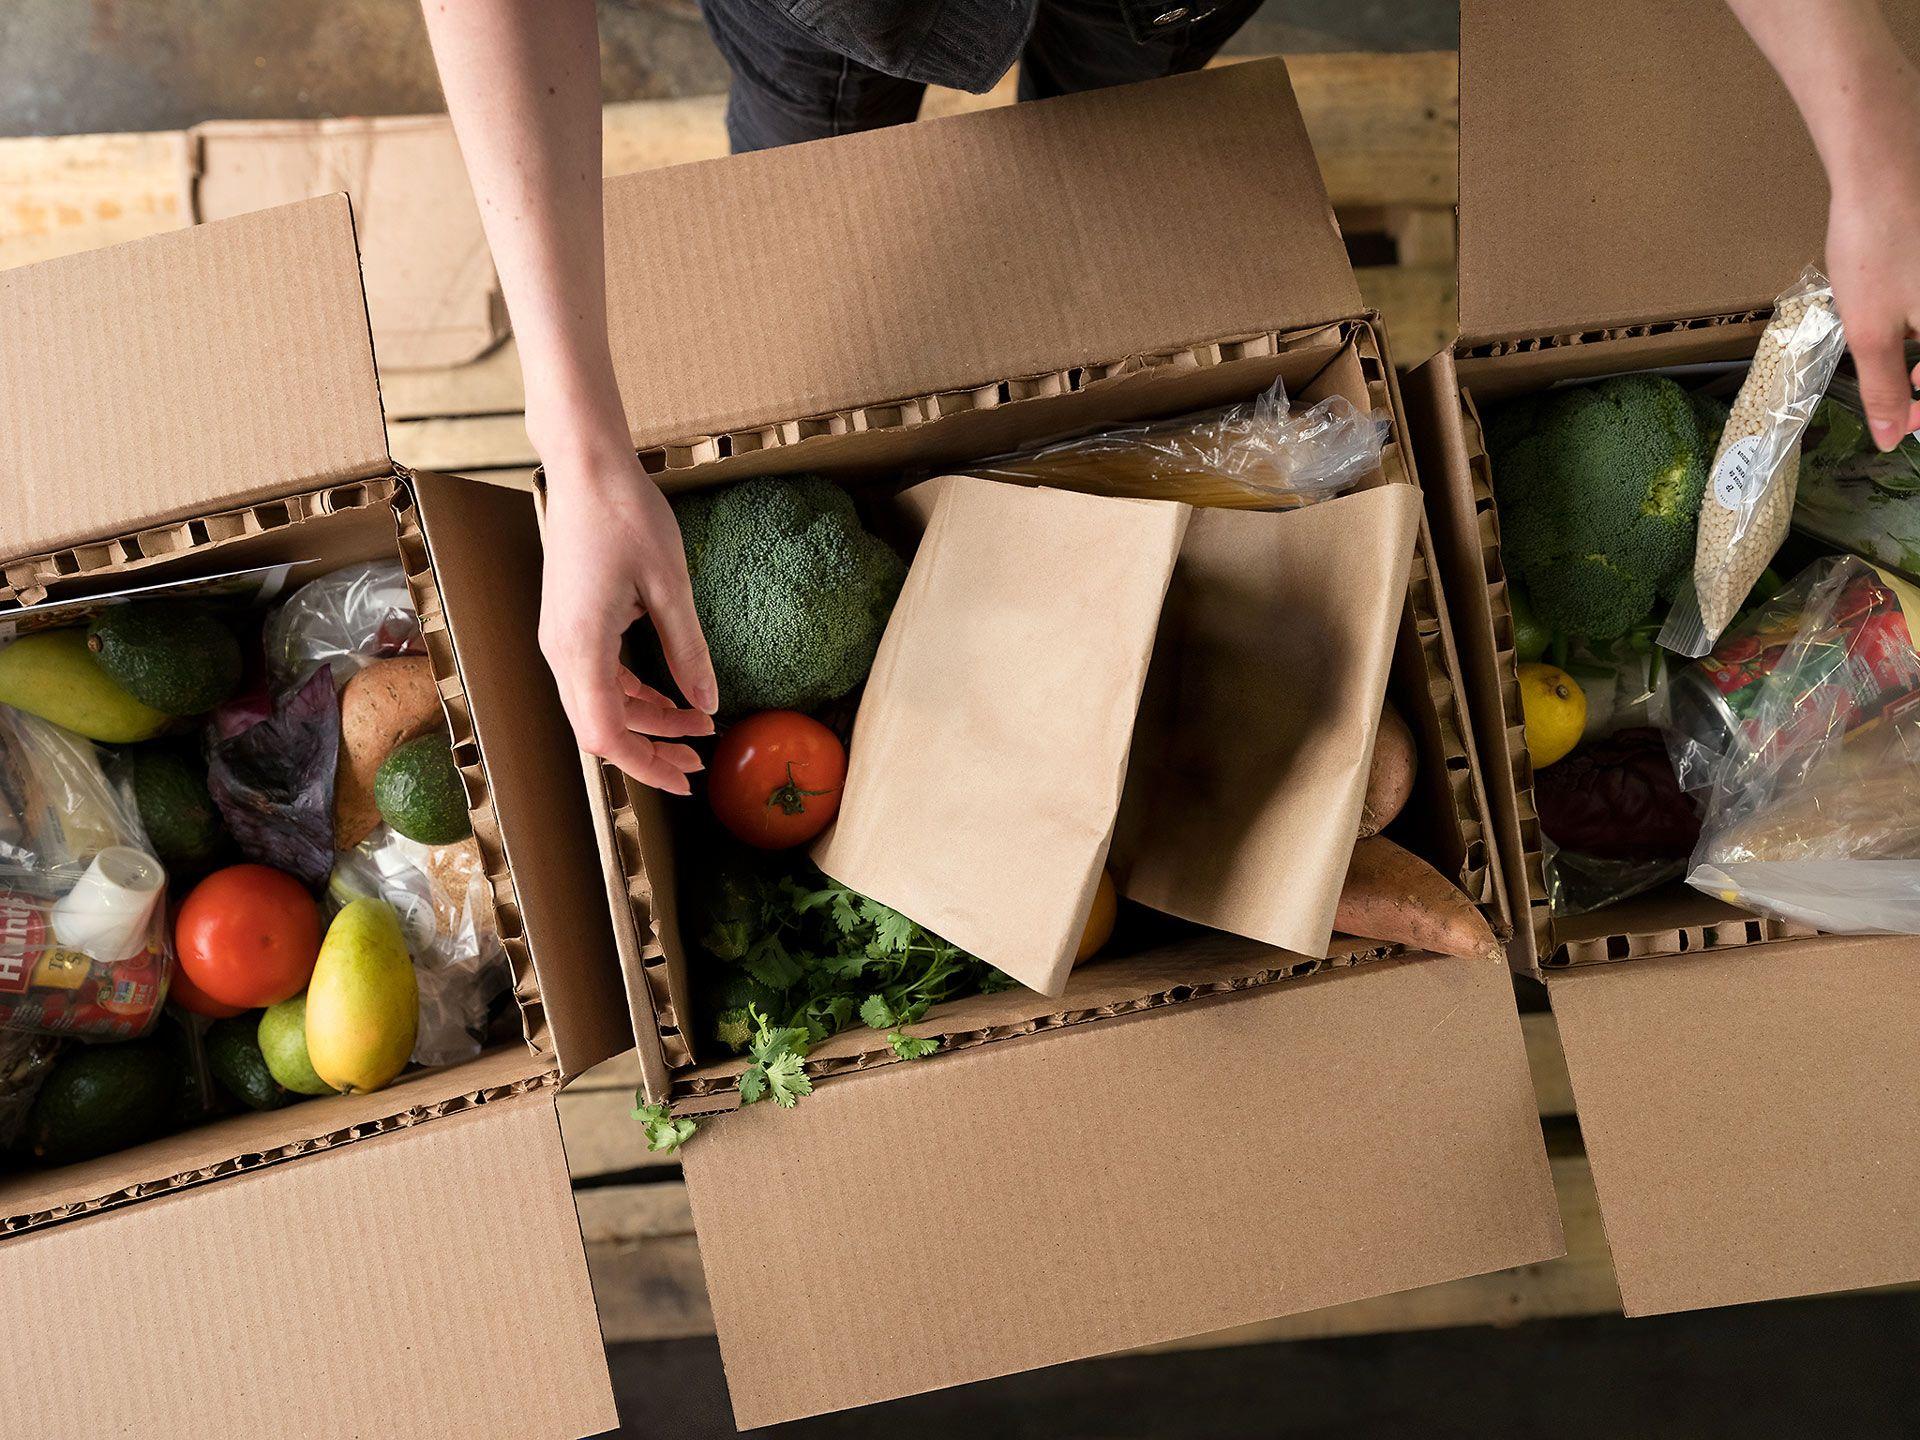 Gros plan de trois boîtes de nourriture en train d'être emballées dans un entrepôt.